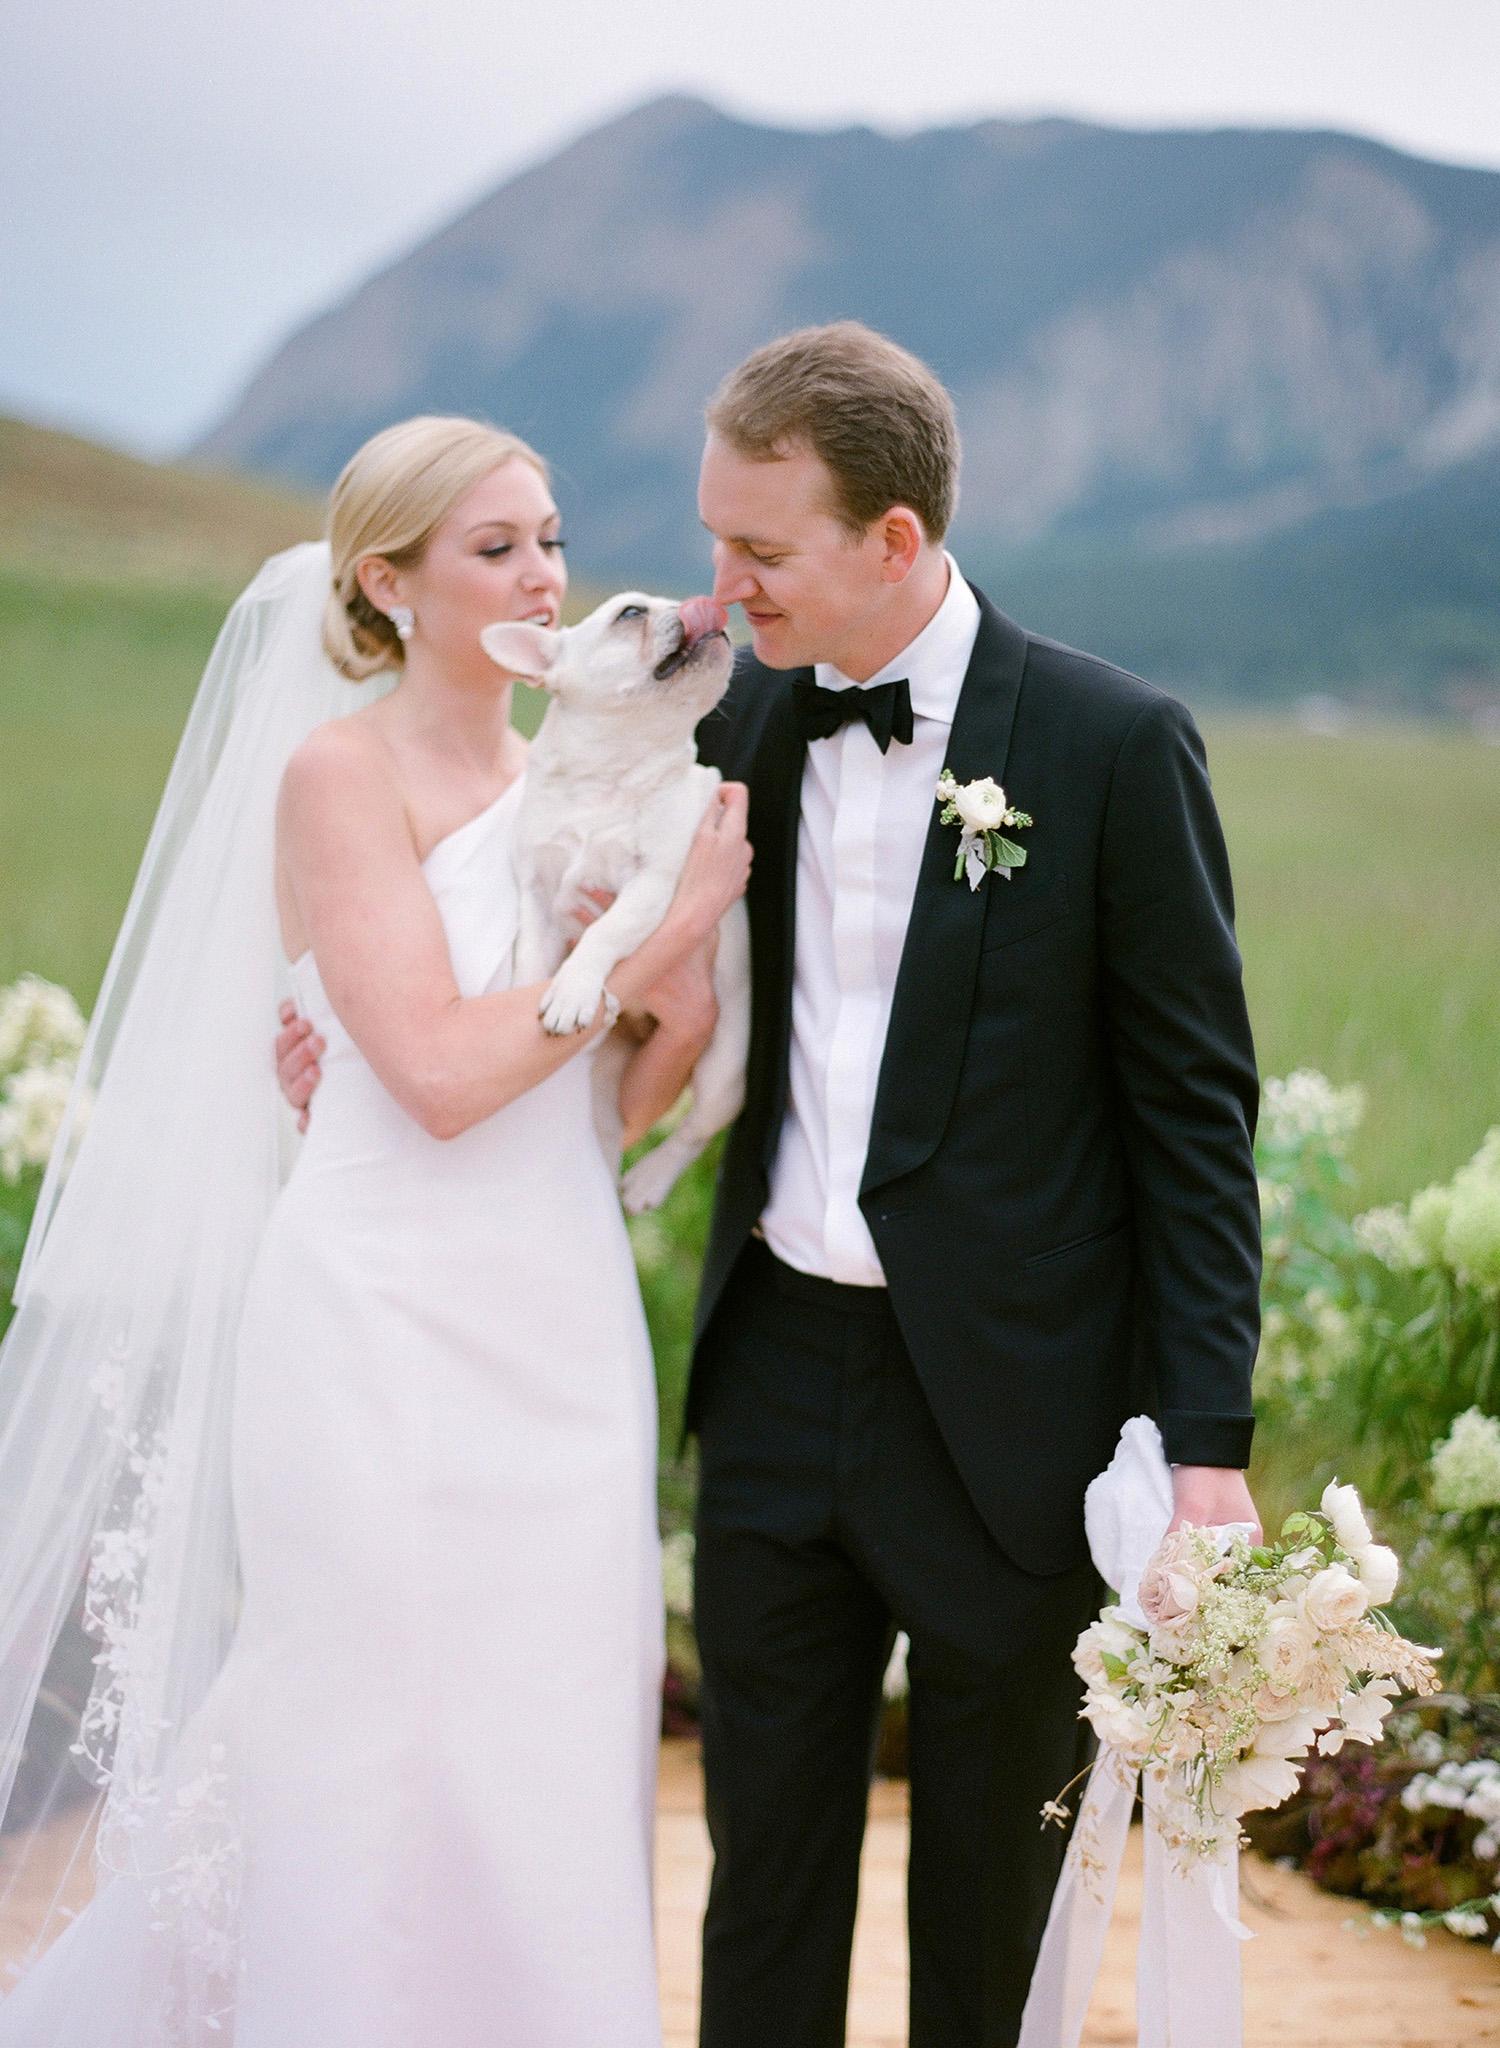 sloan scott wedding couple holding dog